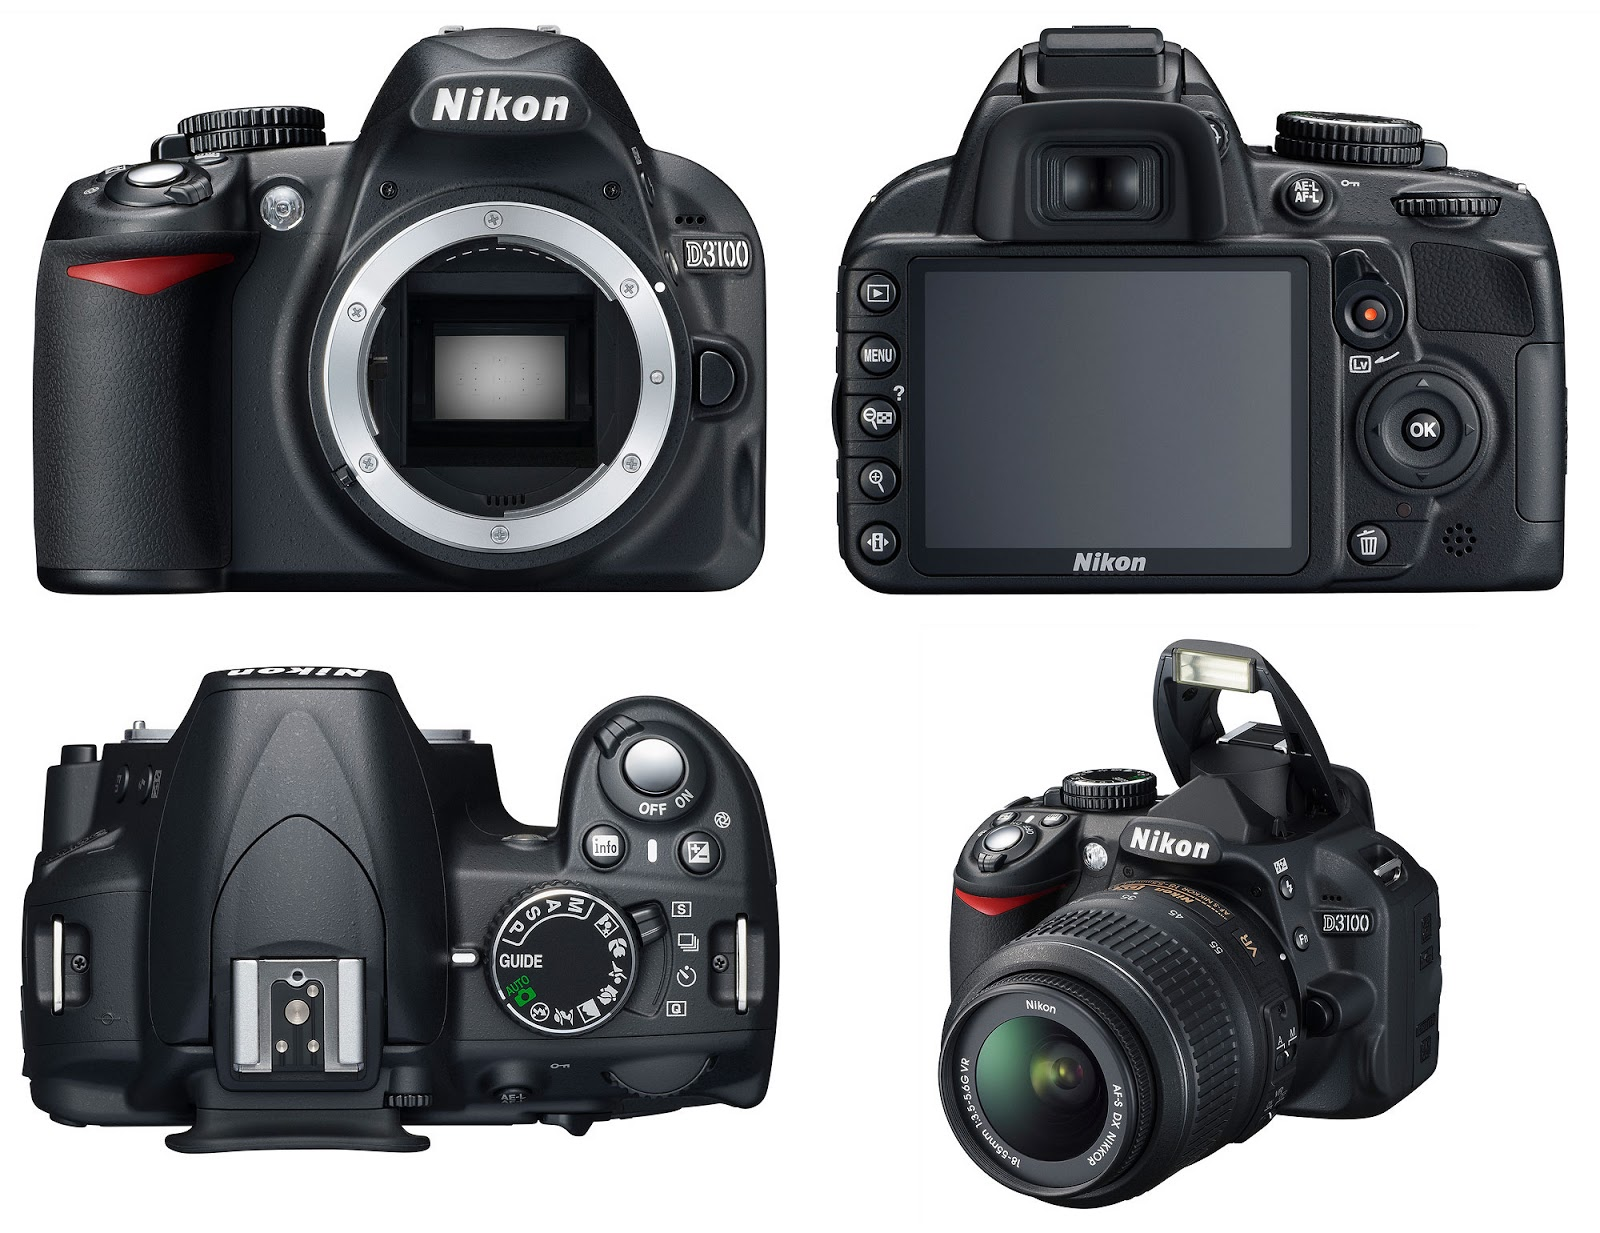 NIKON D3100, Best DSLR Camera for Beginners?